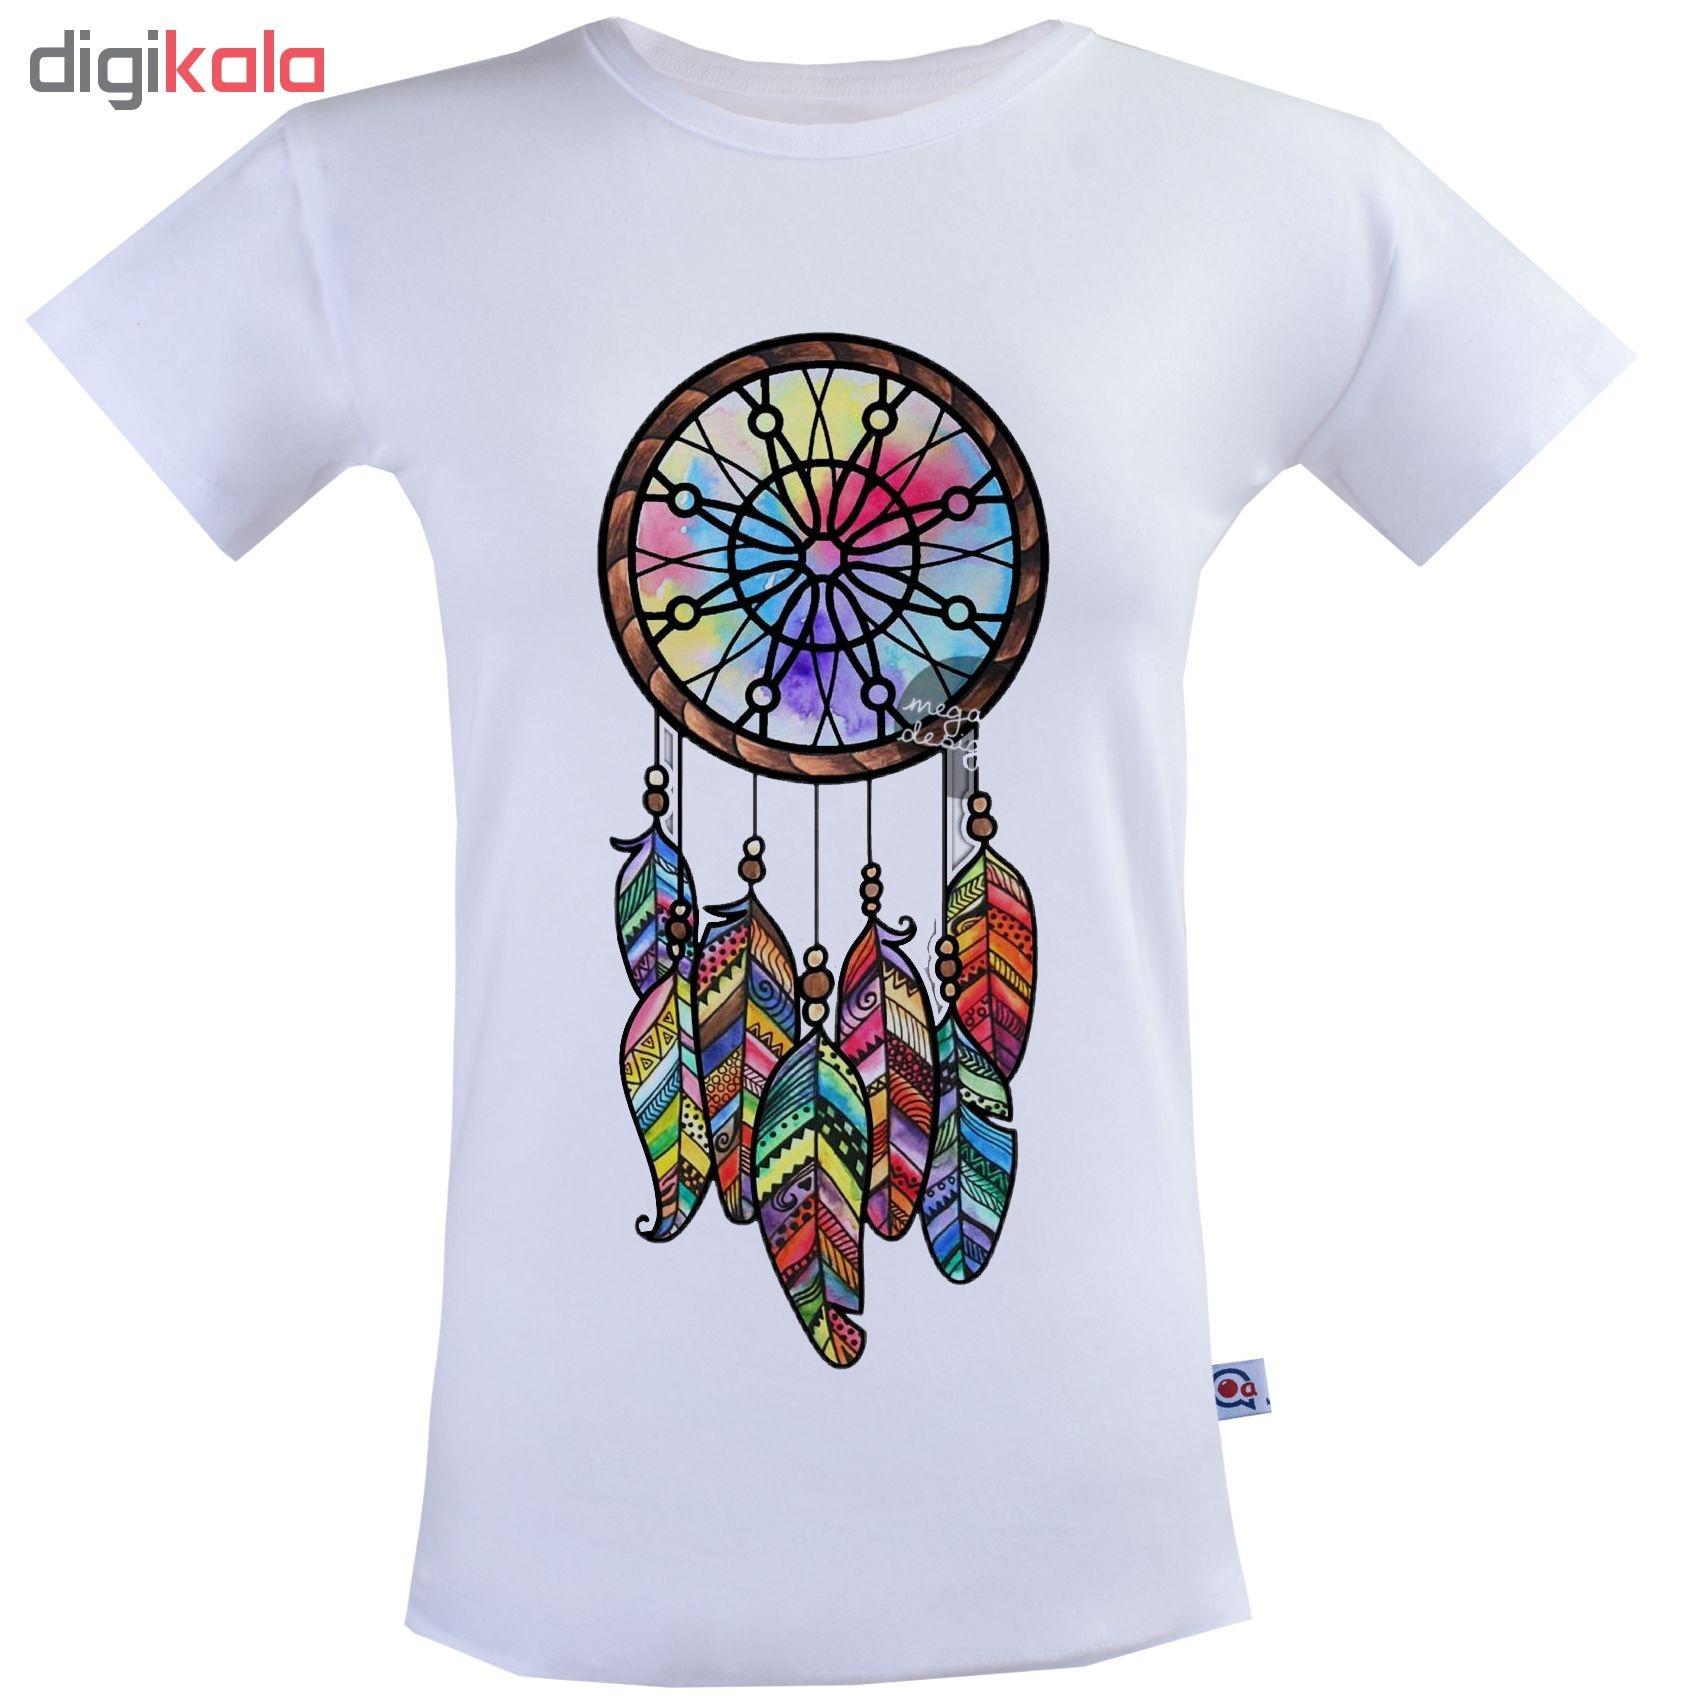 تی شرت زنانه آکو طرح دریم کچر کد SS97 main 1 1